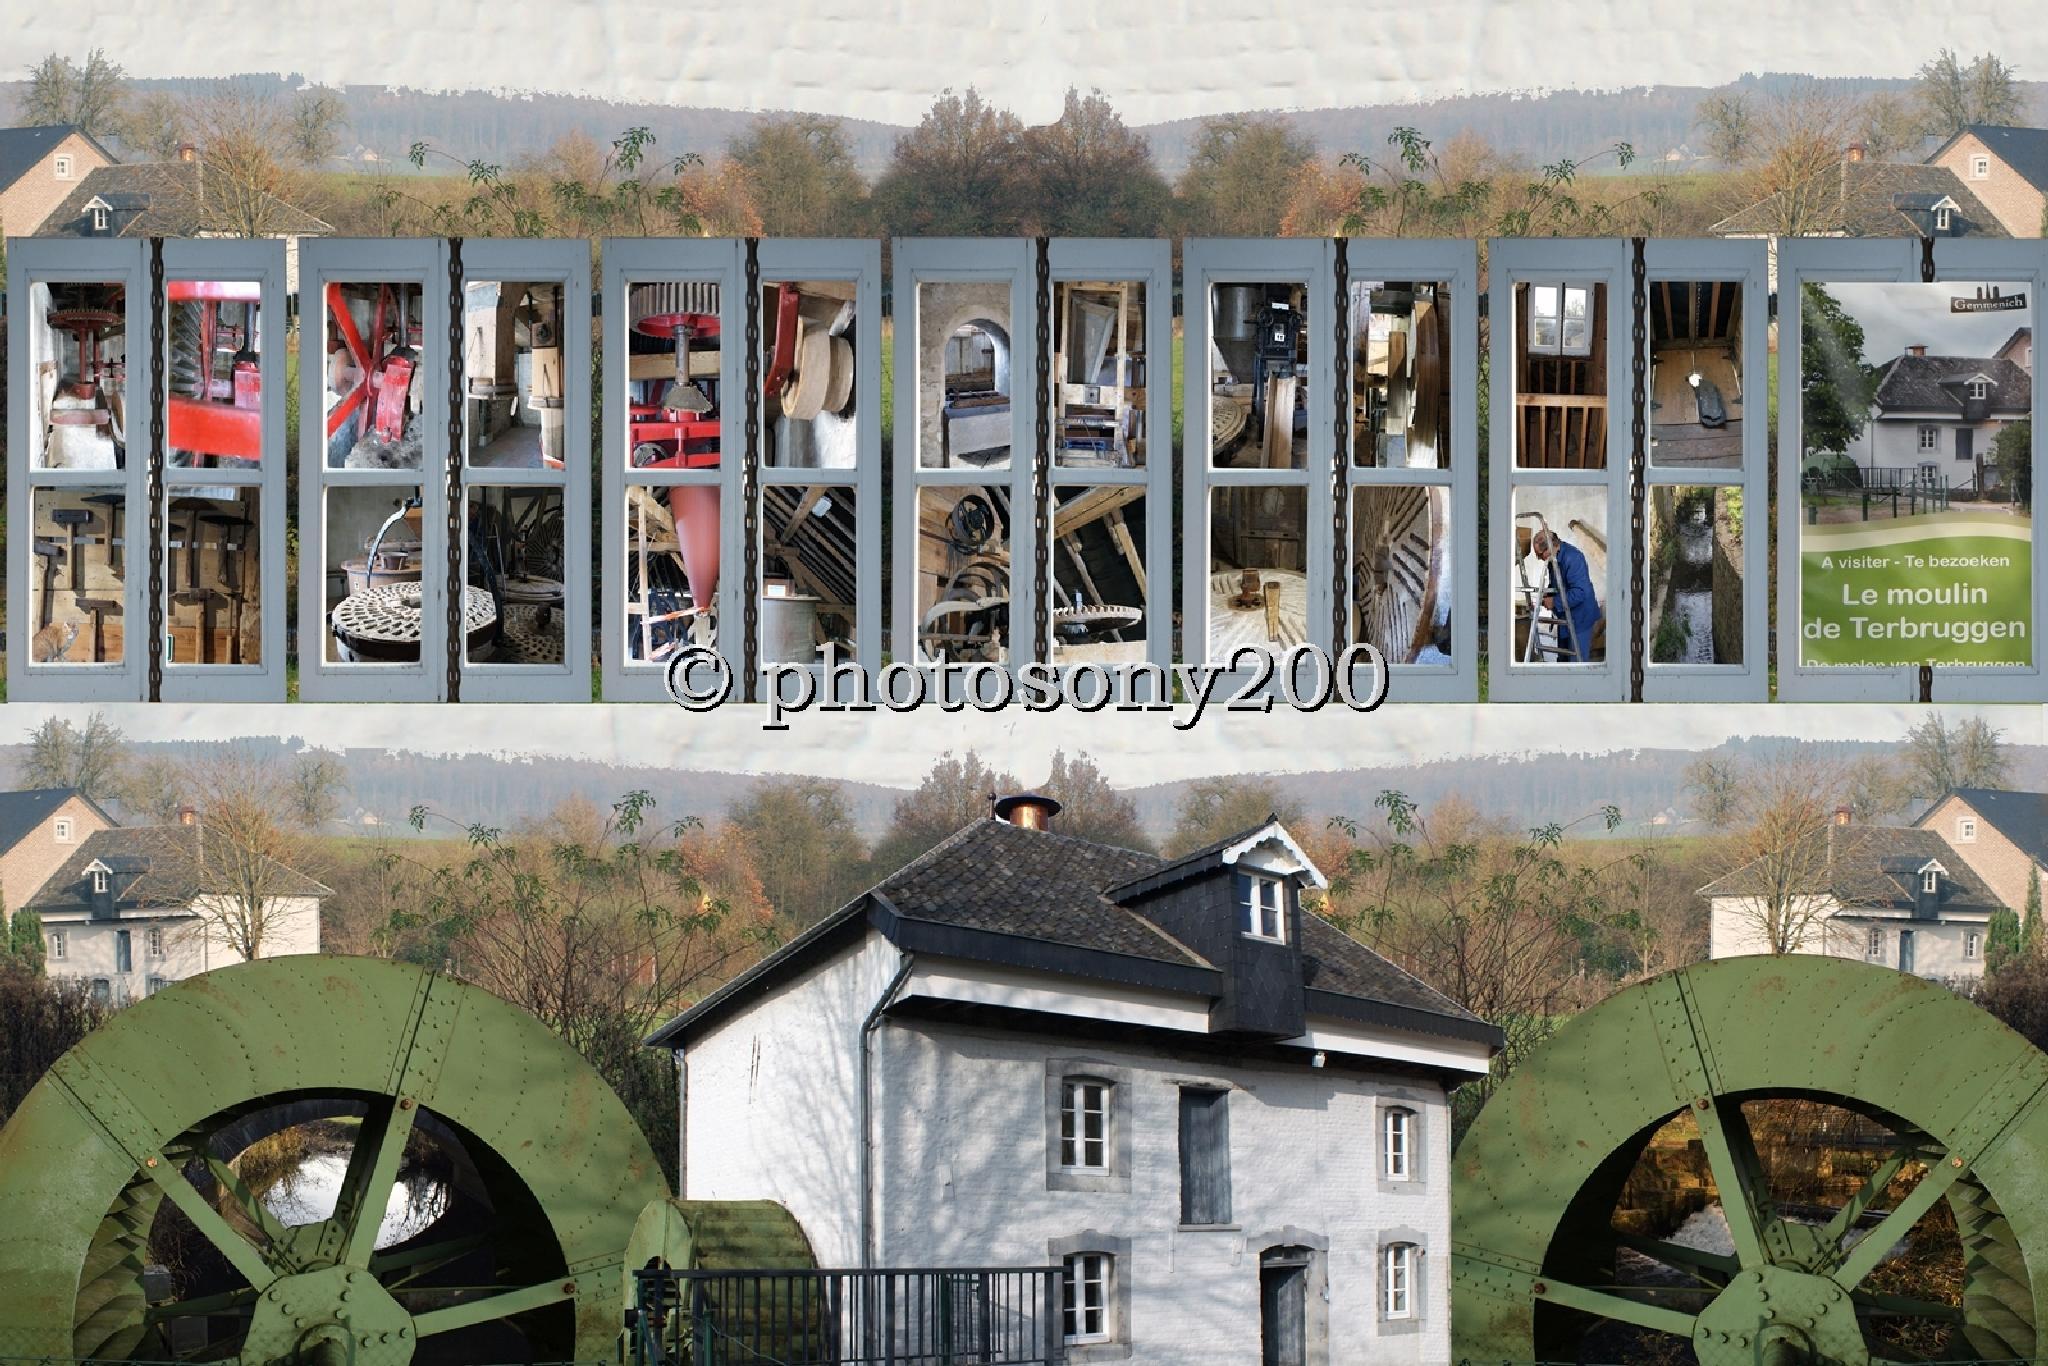 Moulin Terbruggen 3 by Paulus Charles